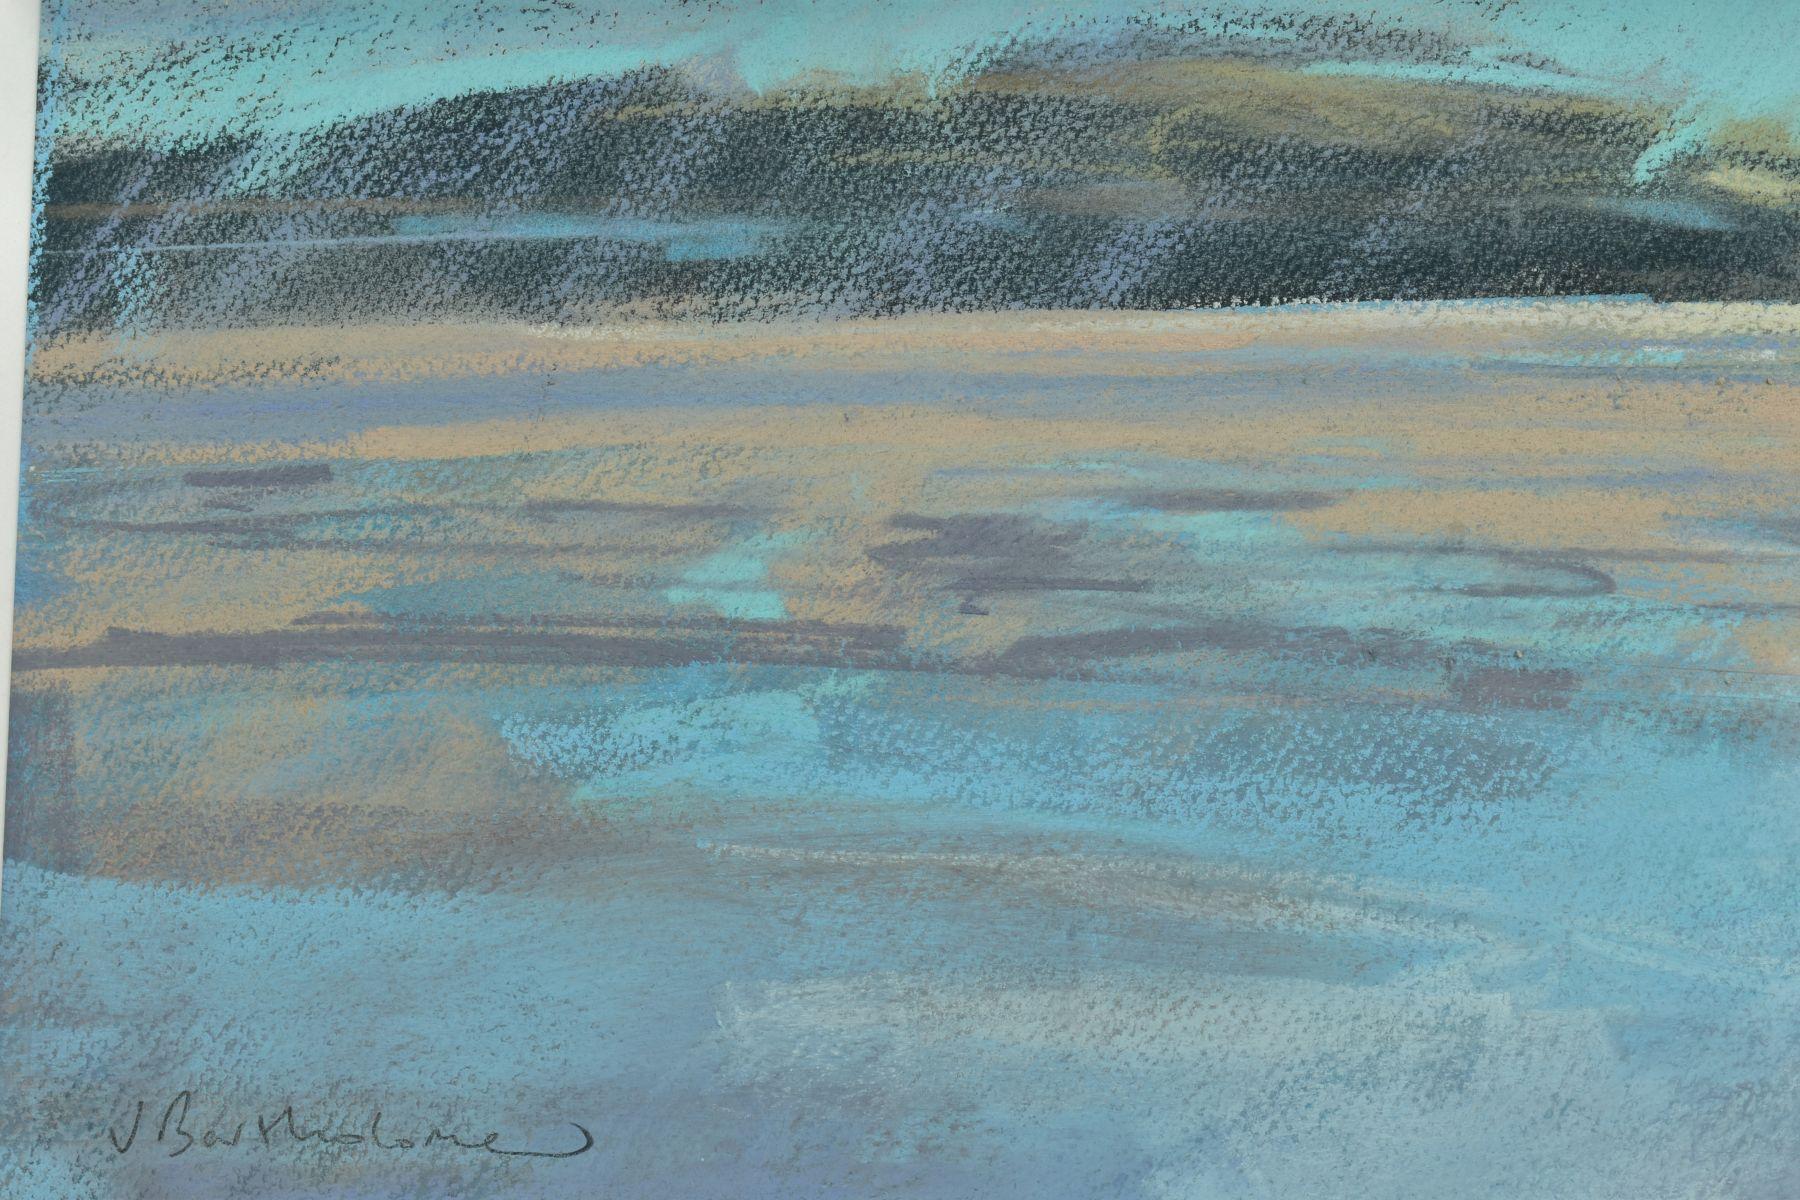 JAMES BARTHOLOMEW (BRITISH CONTEMPORARY), 'Shining Bay', a coastal landscape, signed bottom right, - Image 2 of 6